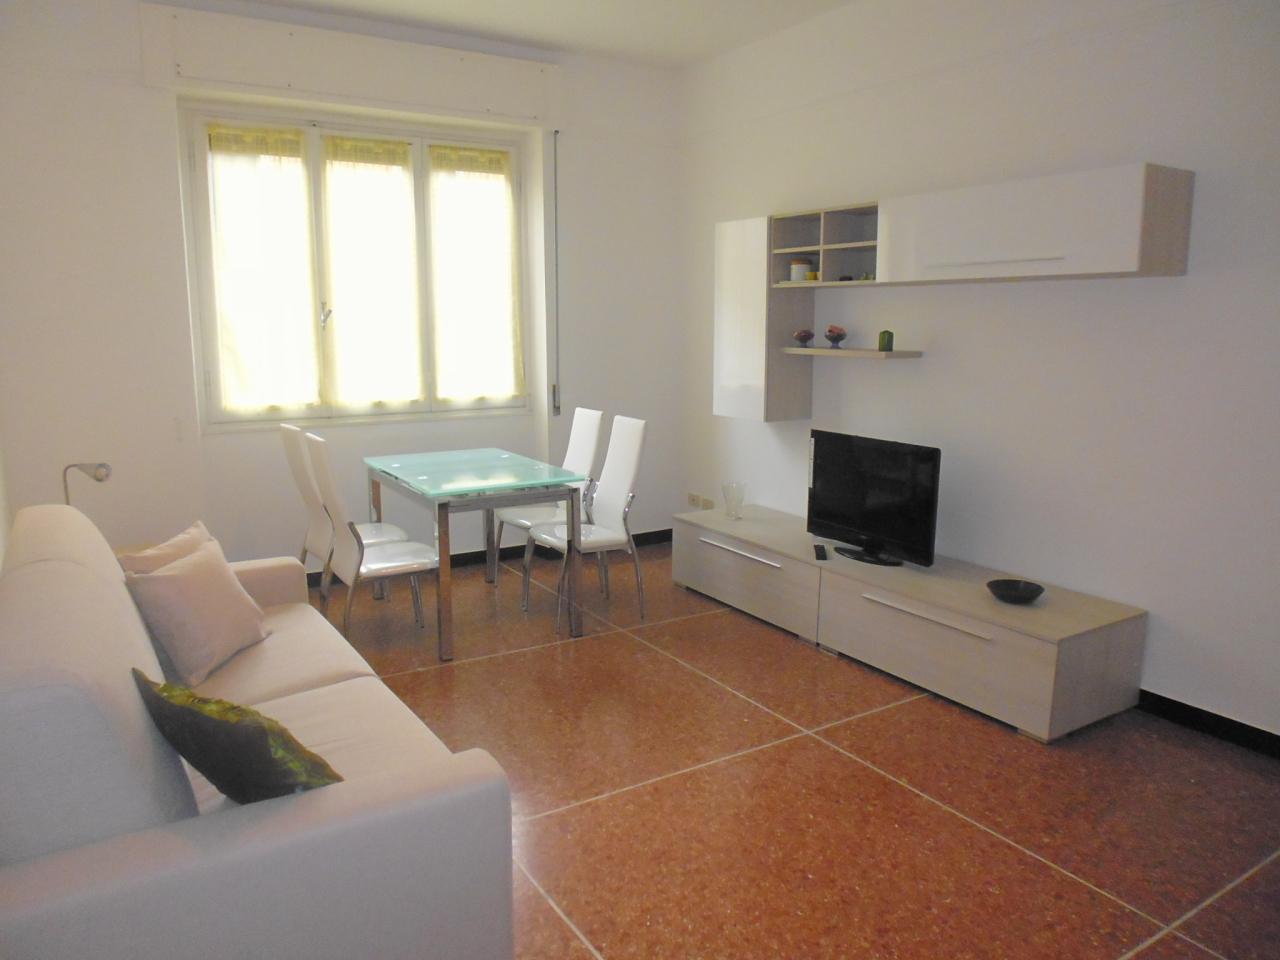 Appartamento in vendita a Sestri Levante, 3 locali, prezzo € 350.000   CambioCasa.it